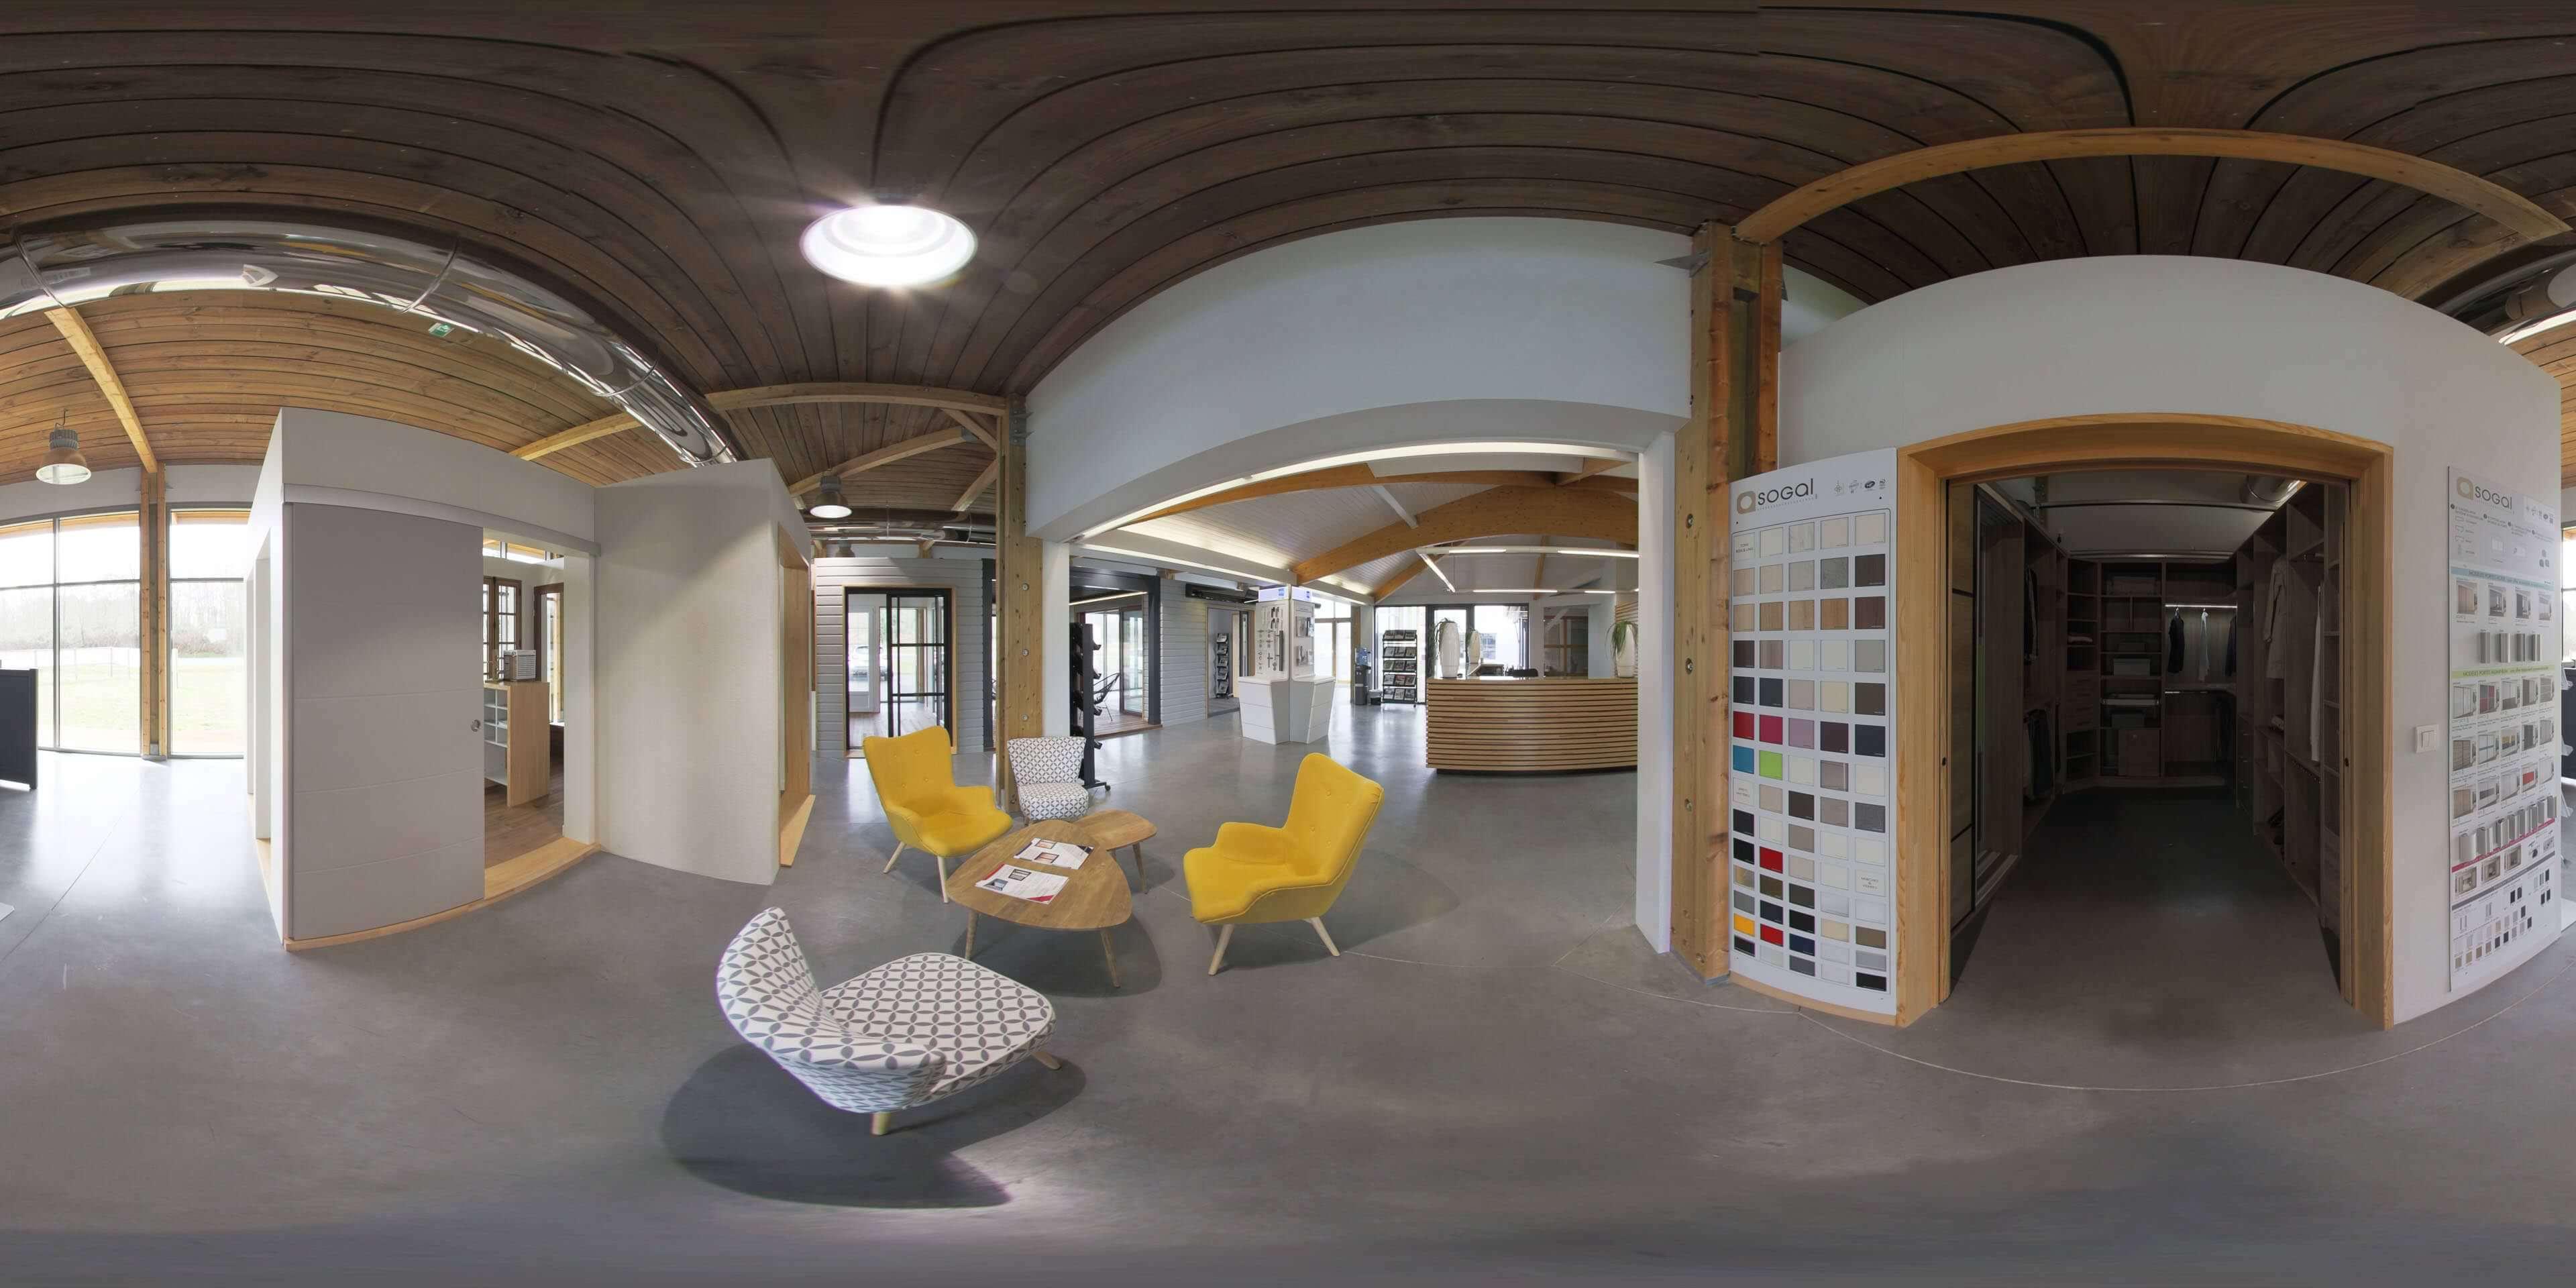 visite virtuelle google pour Loubéry porte et aussi fenêtre.